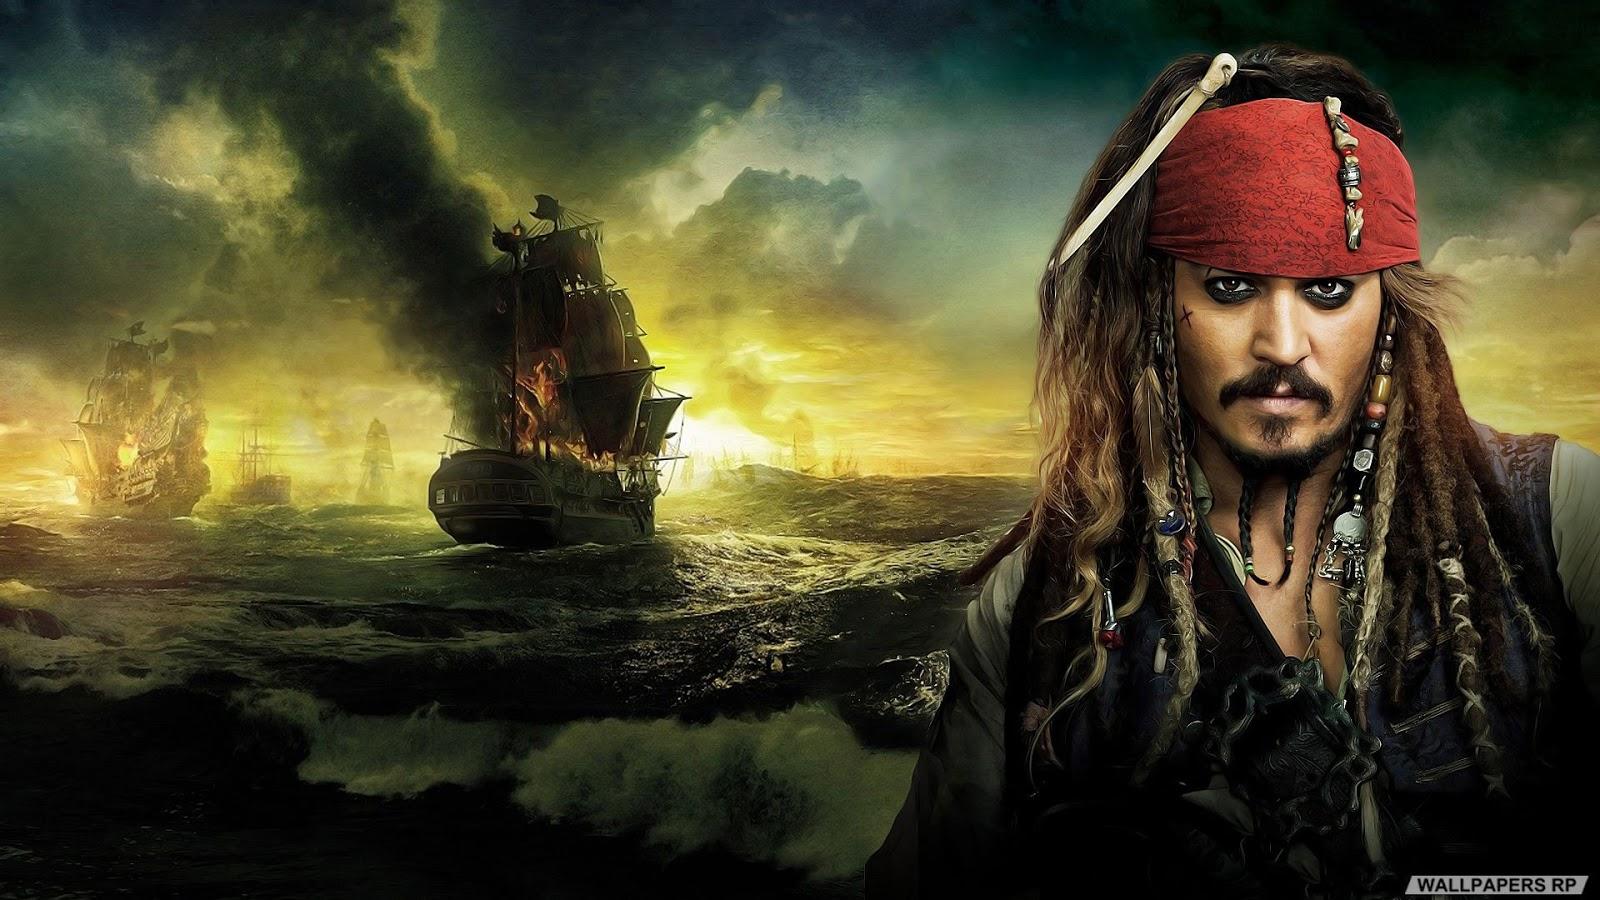 Entaoserve Piratas Do Caribe